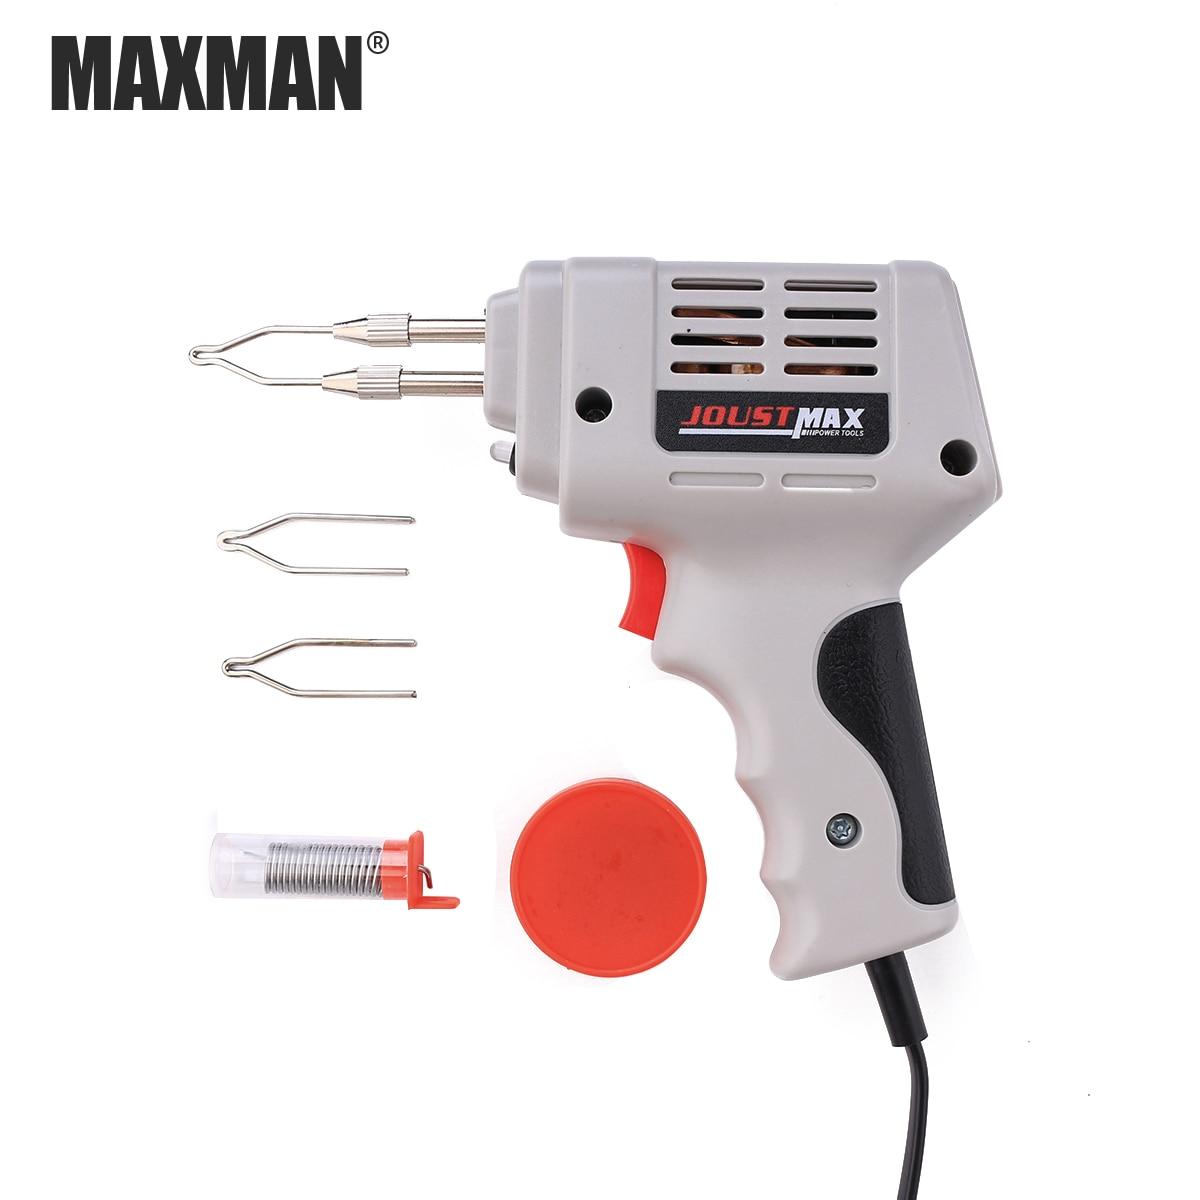 MAXMAN 220 v Zinn Lötkolben Gun Zubehör Manuelle Zinn Gun Saug-Zinn Gerät Elektrische Schweißen Gun Werkzeug Automatische